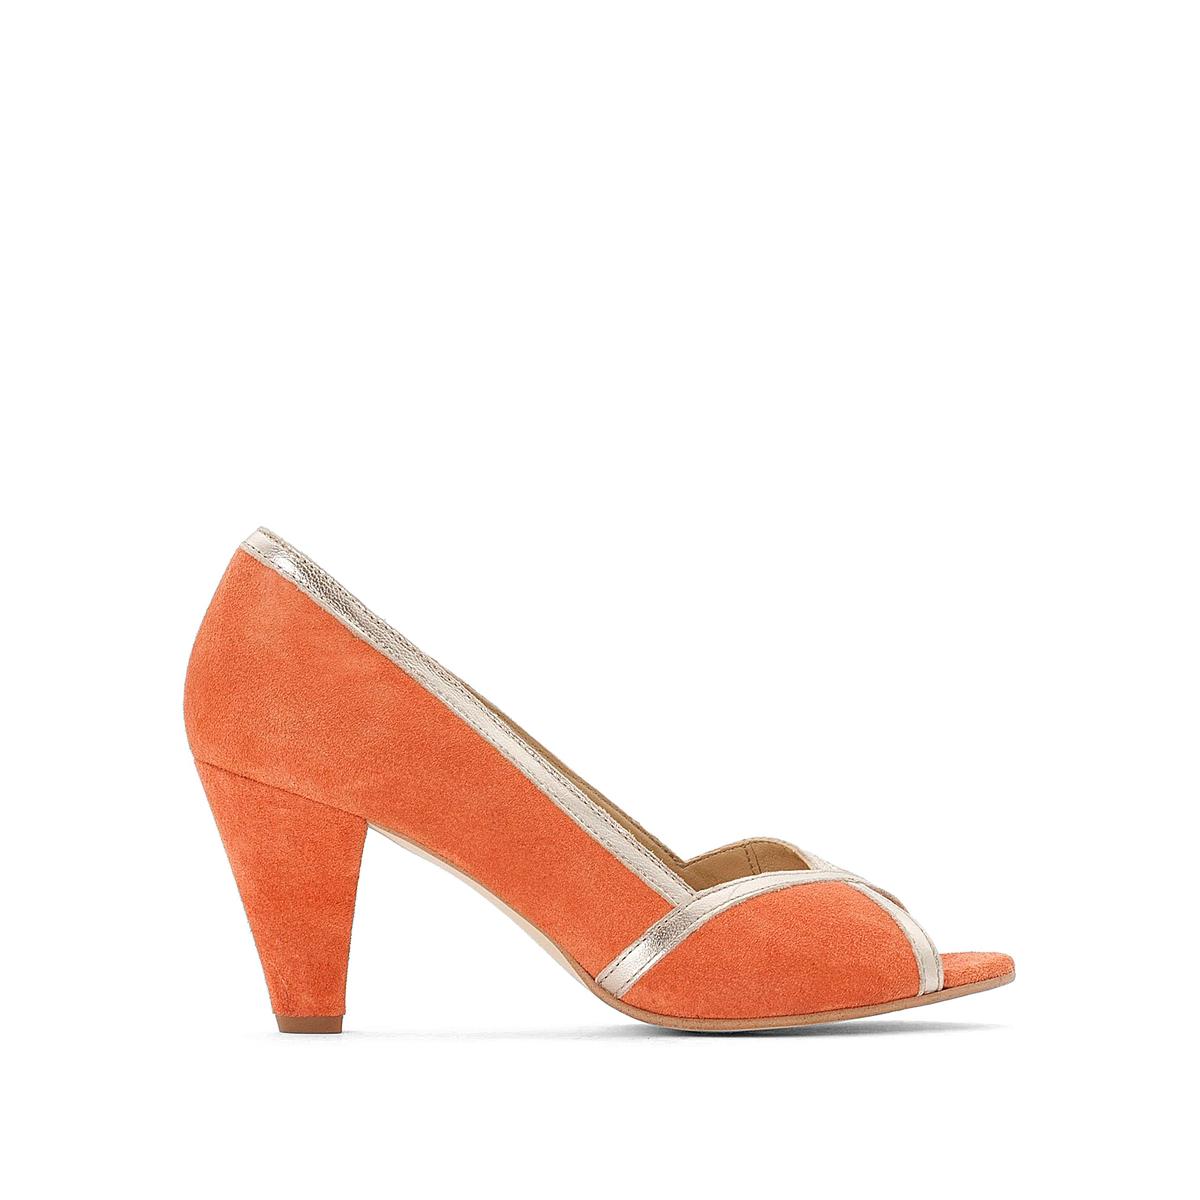 Туфли La Redoute Кожаные с открытым мыском 36 оранжевый туфли la redoute кожаные с открытым мыском и деталями золотистого цвета 41 черный